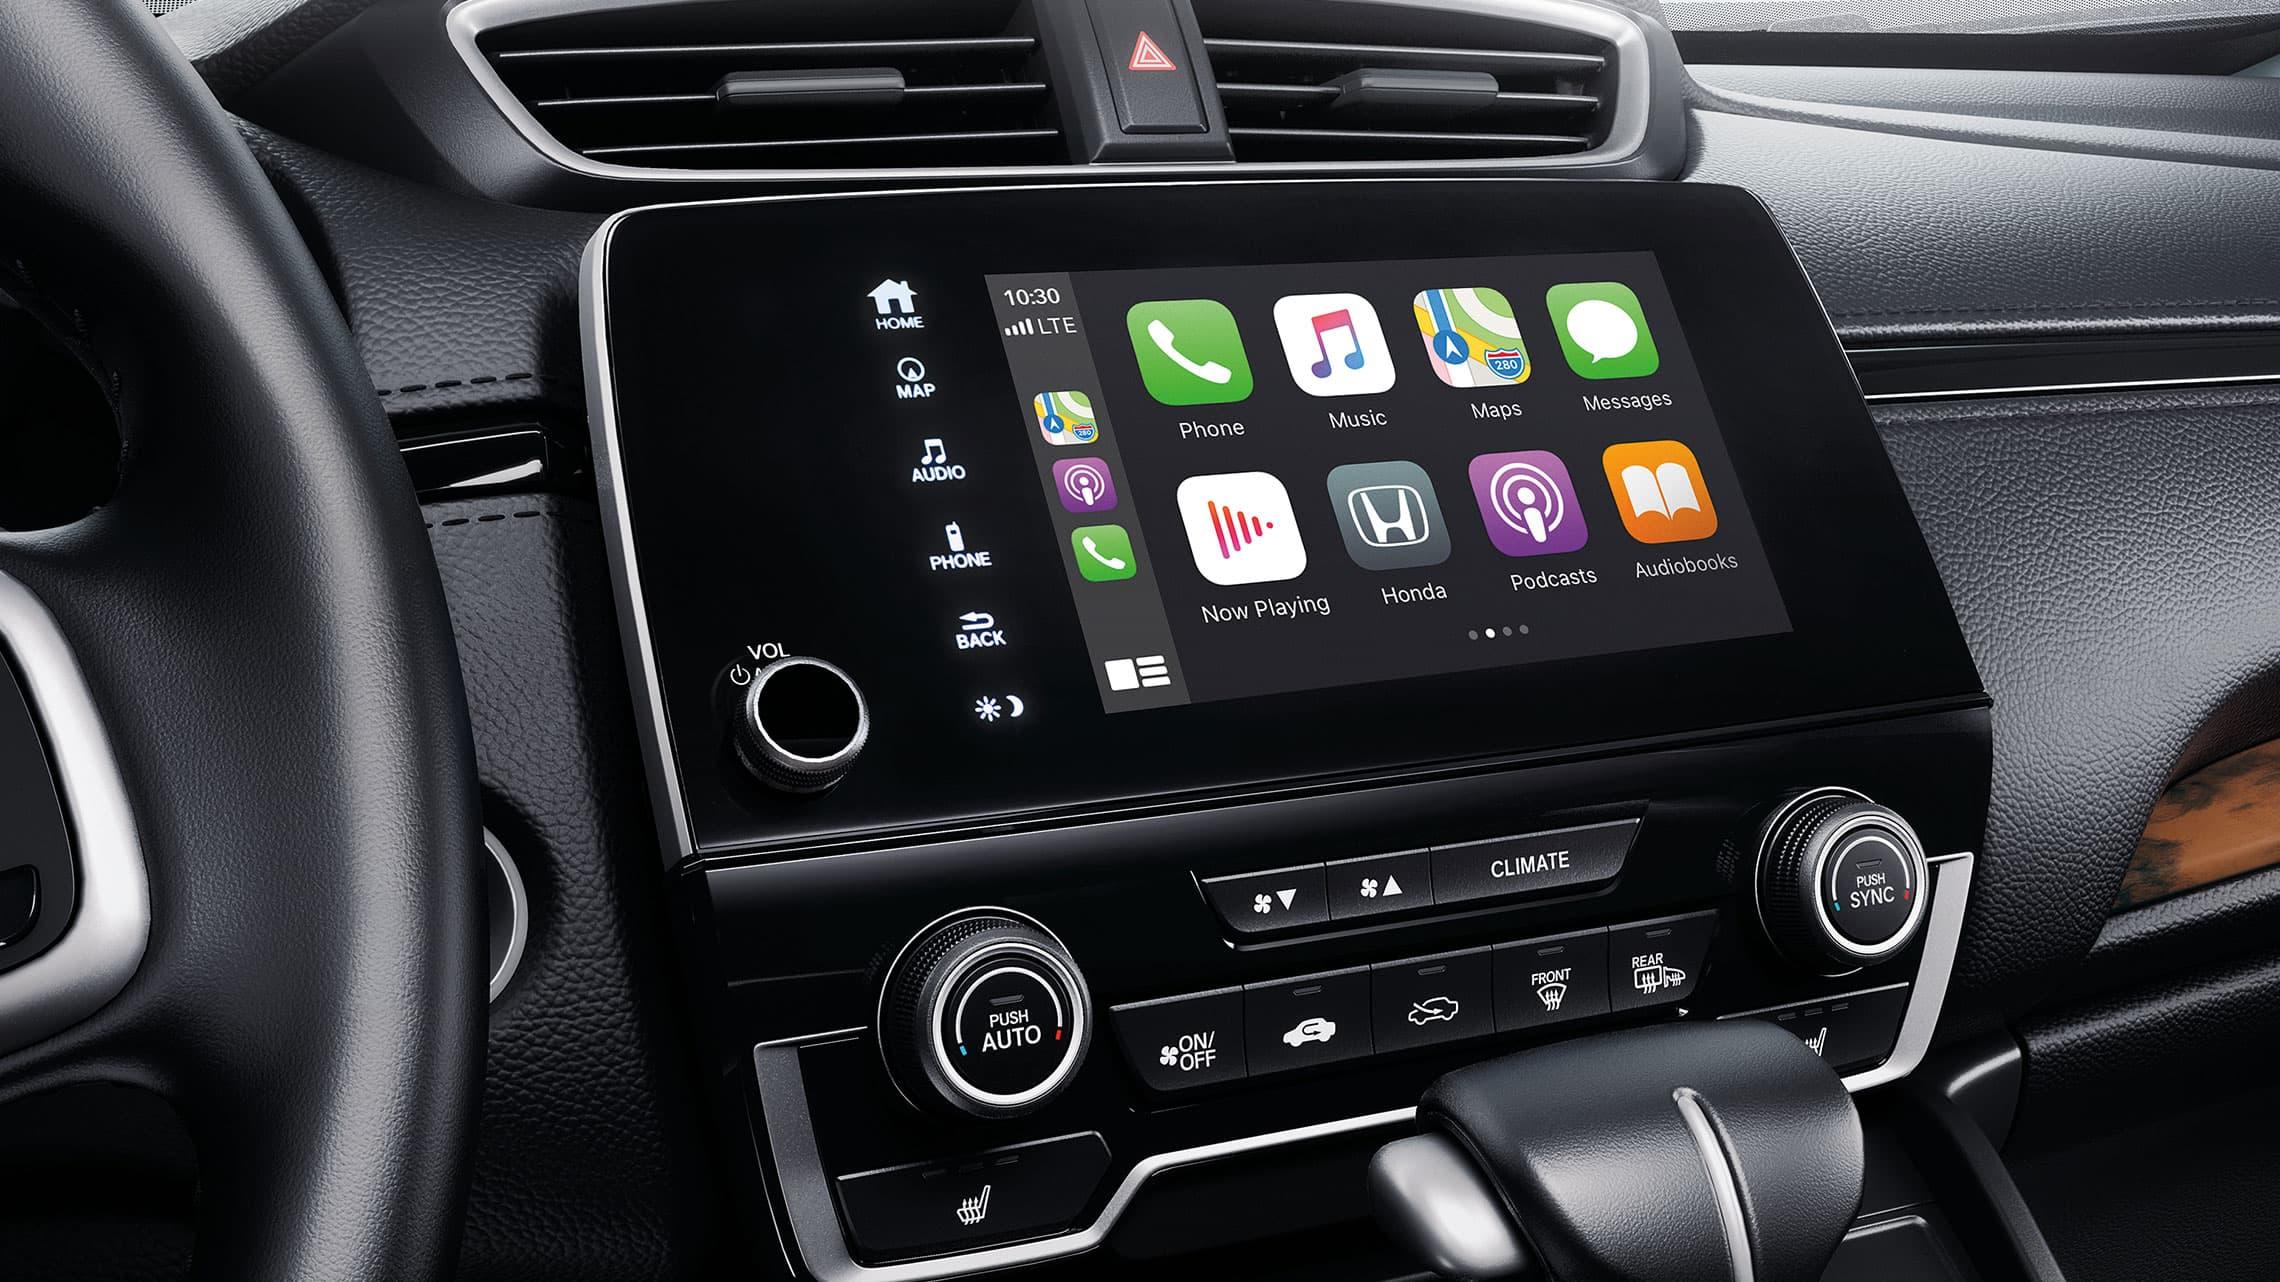 Detalle del menú de integración con Apple CarPlay® en el sistema de audio en pantalla táctil en la Honda CR-V2021.